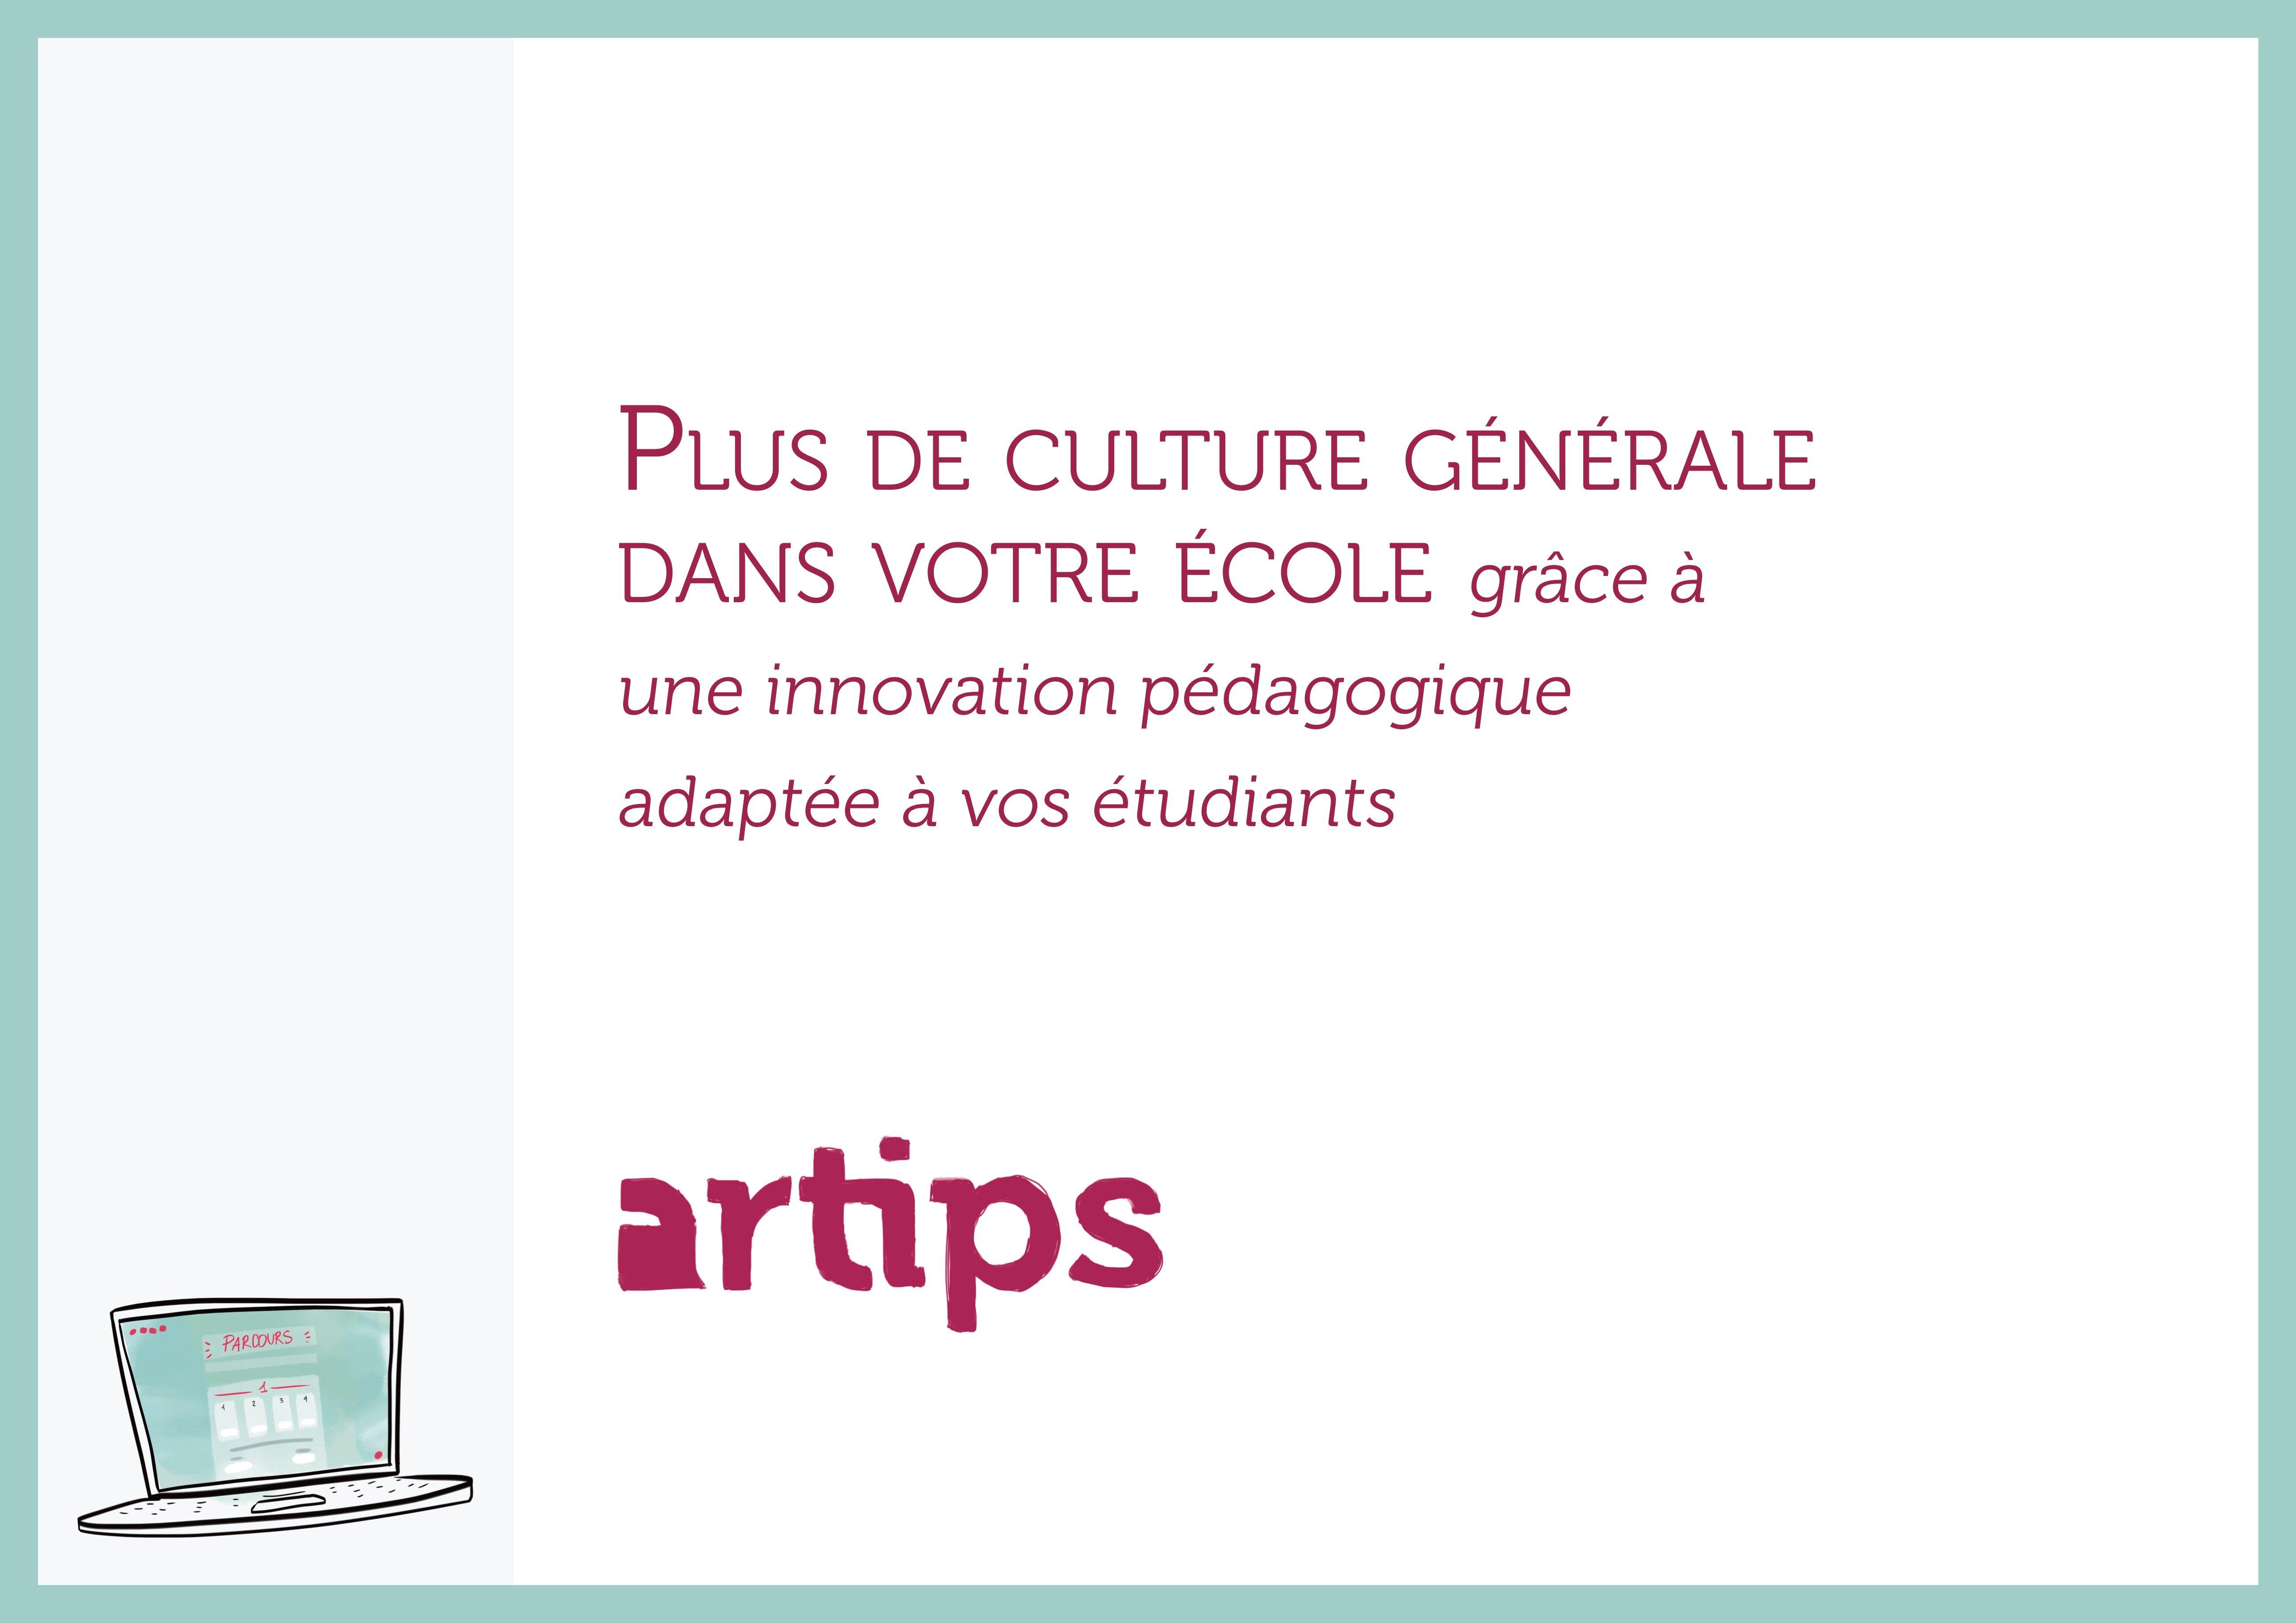 Plus de culture générale dans votre école grâce à une innovation pédagogique adaptée à vos étudiants avec Artips.